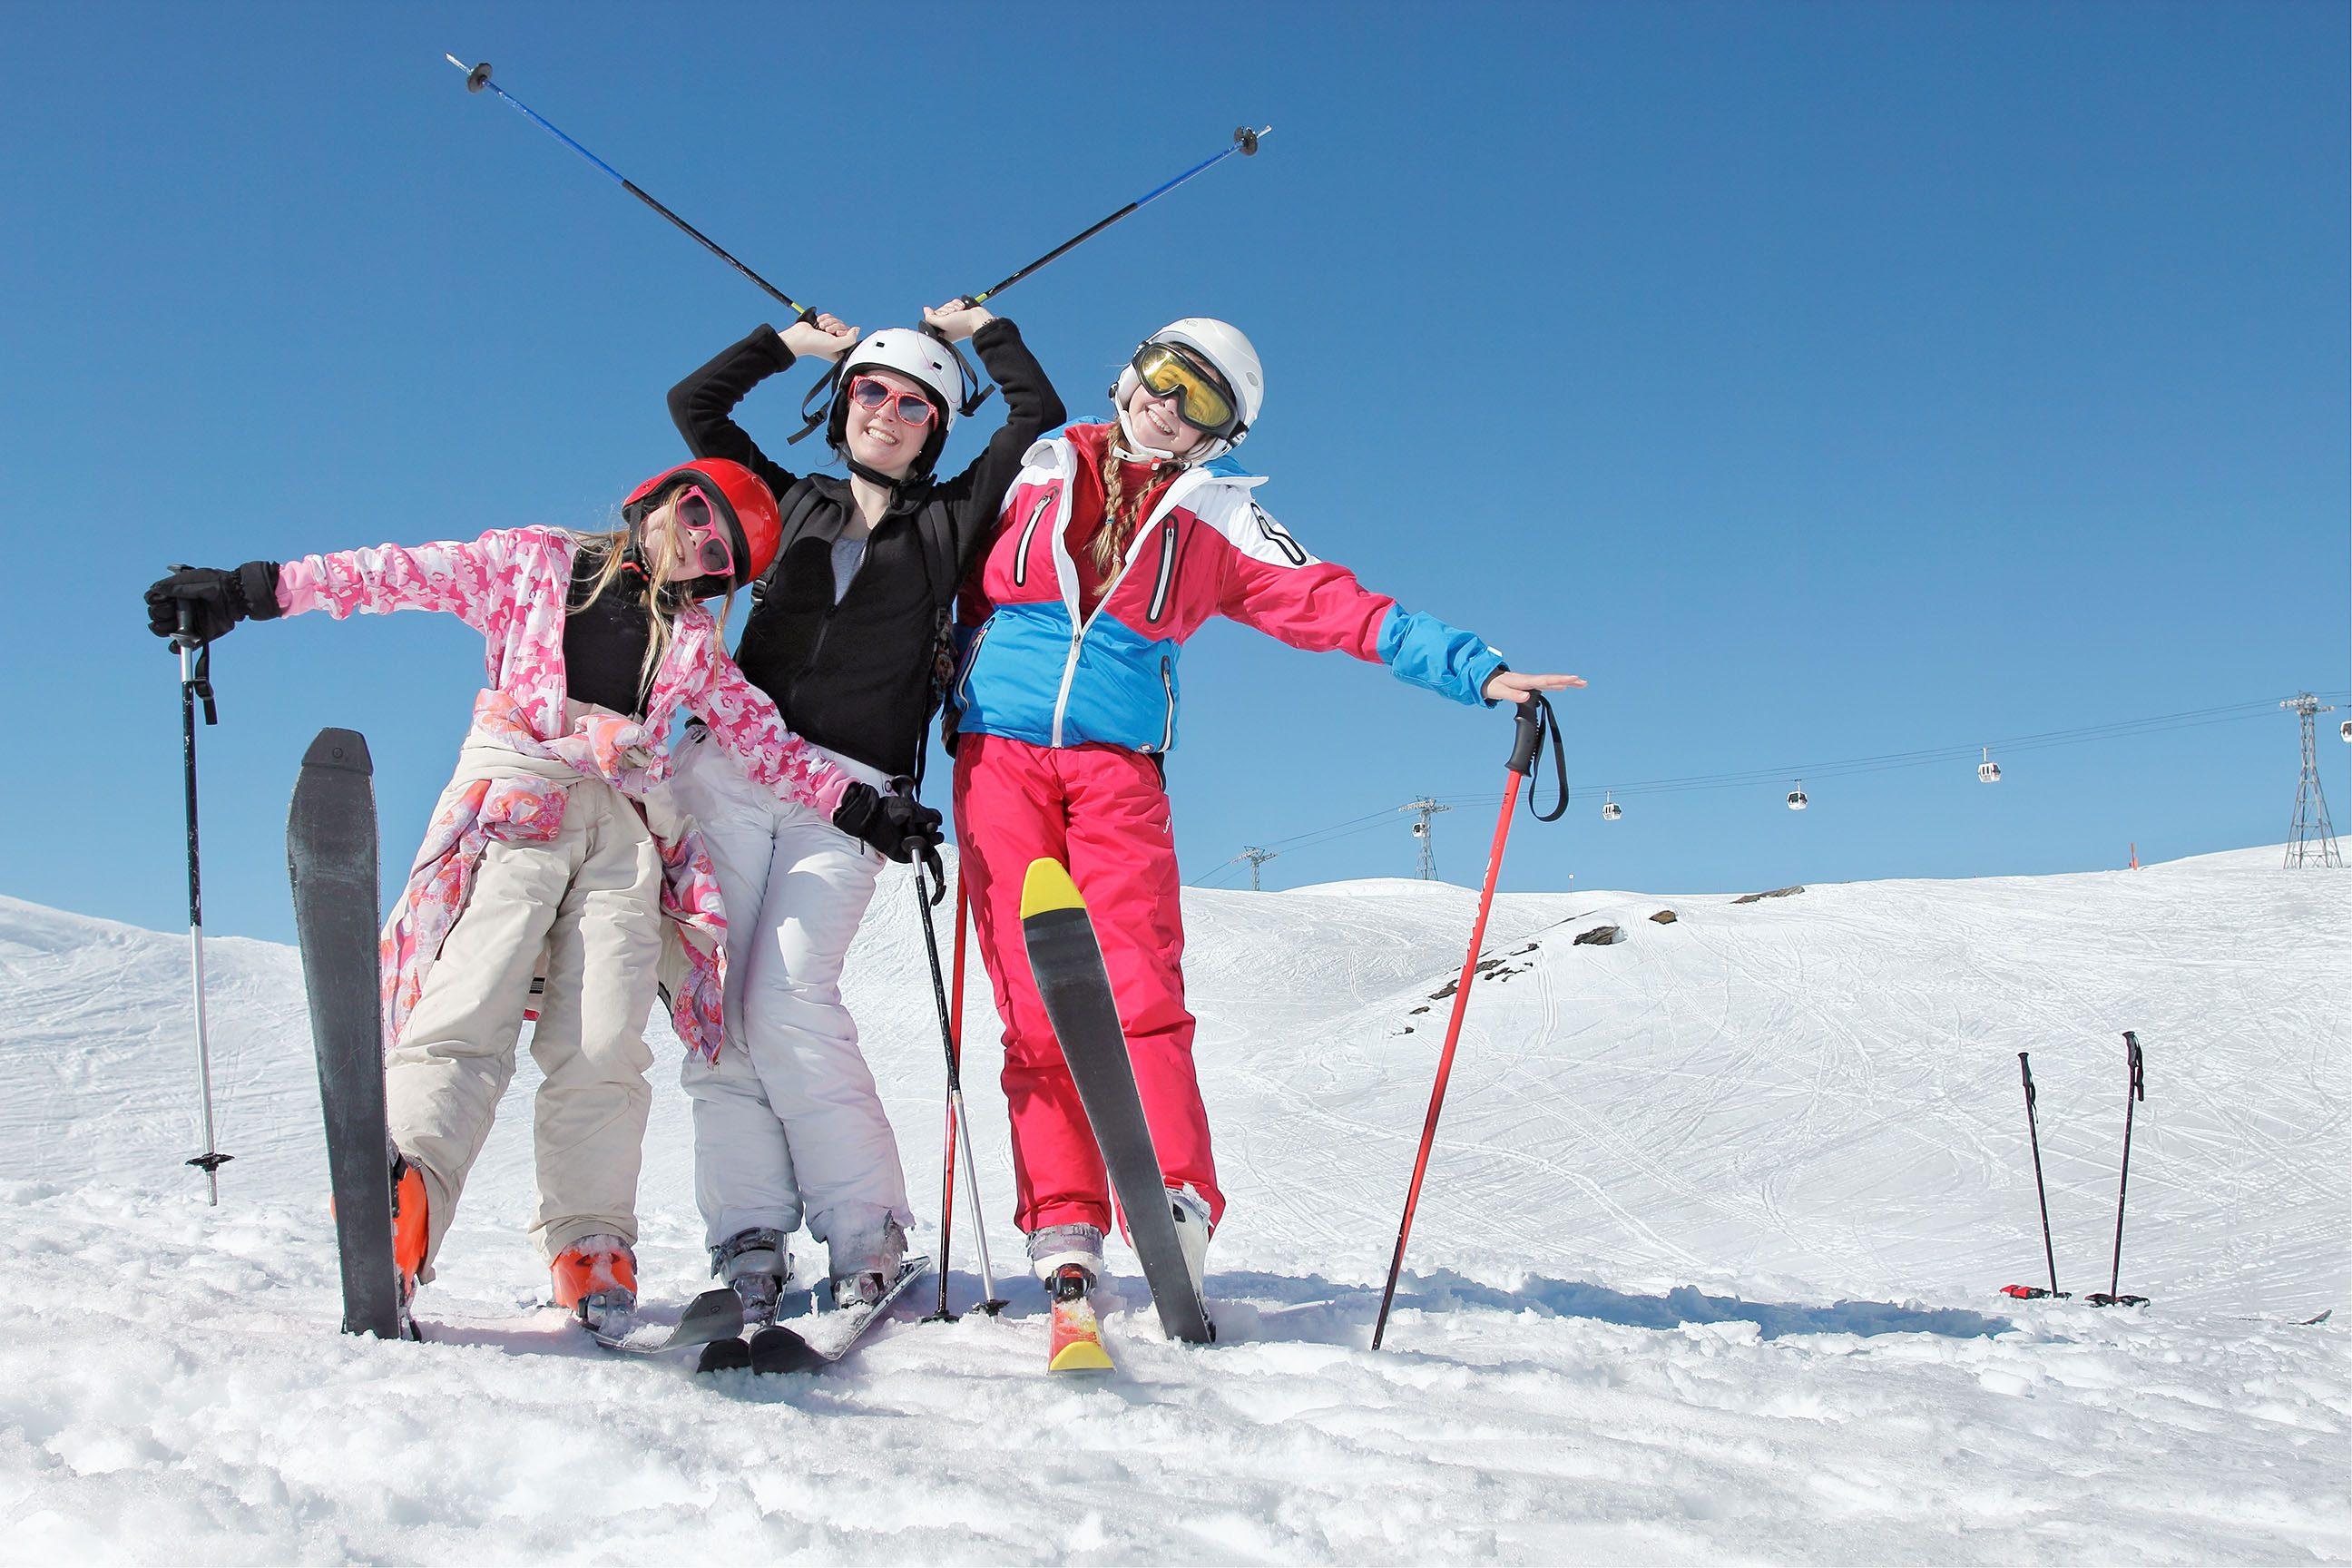 Trois jeunes enfants sur les piste de ski en Haute Savoie, Alpes, France